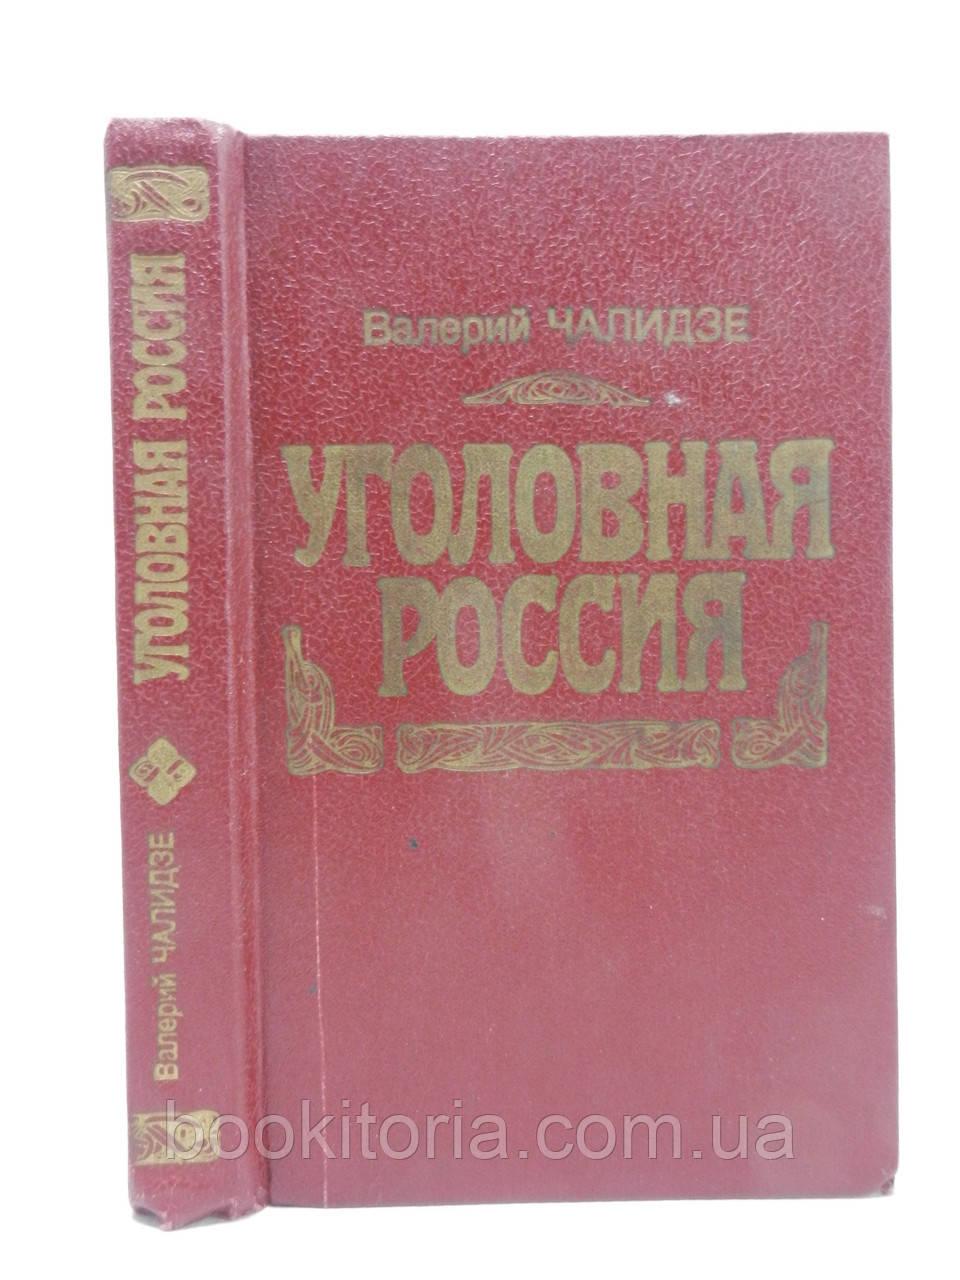 Чалидзе В. Уголовная Россия (б/у).